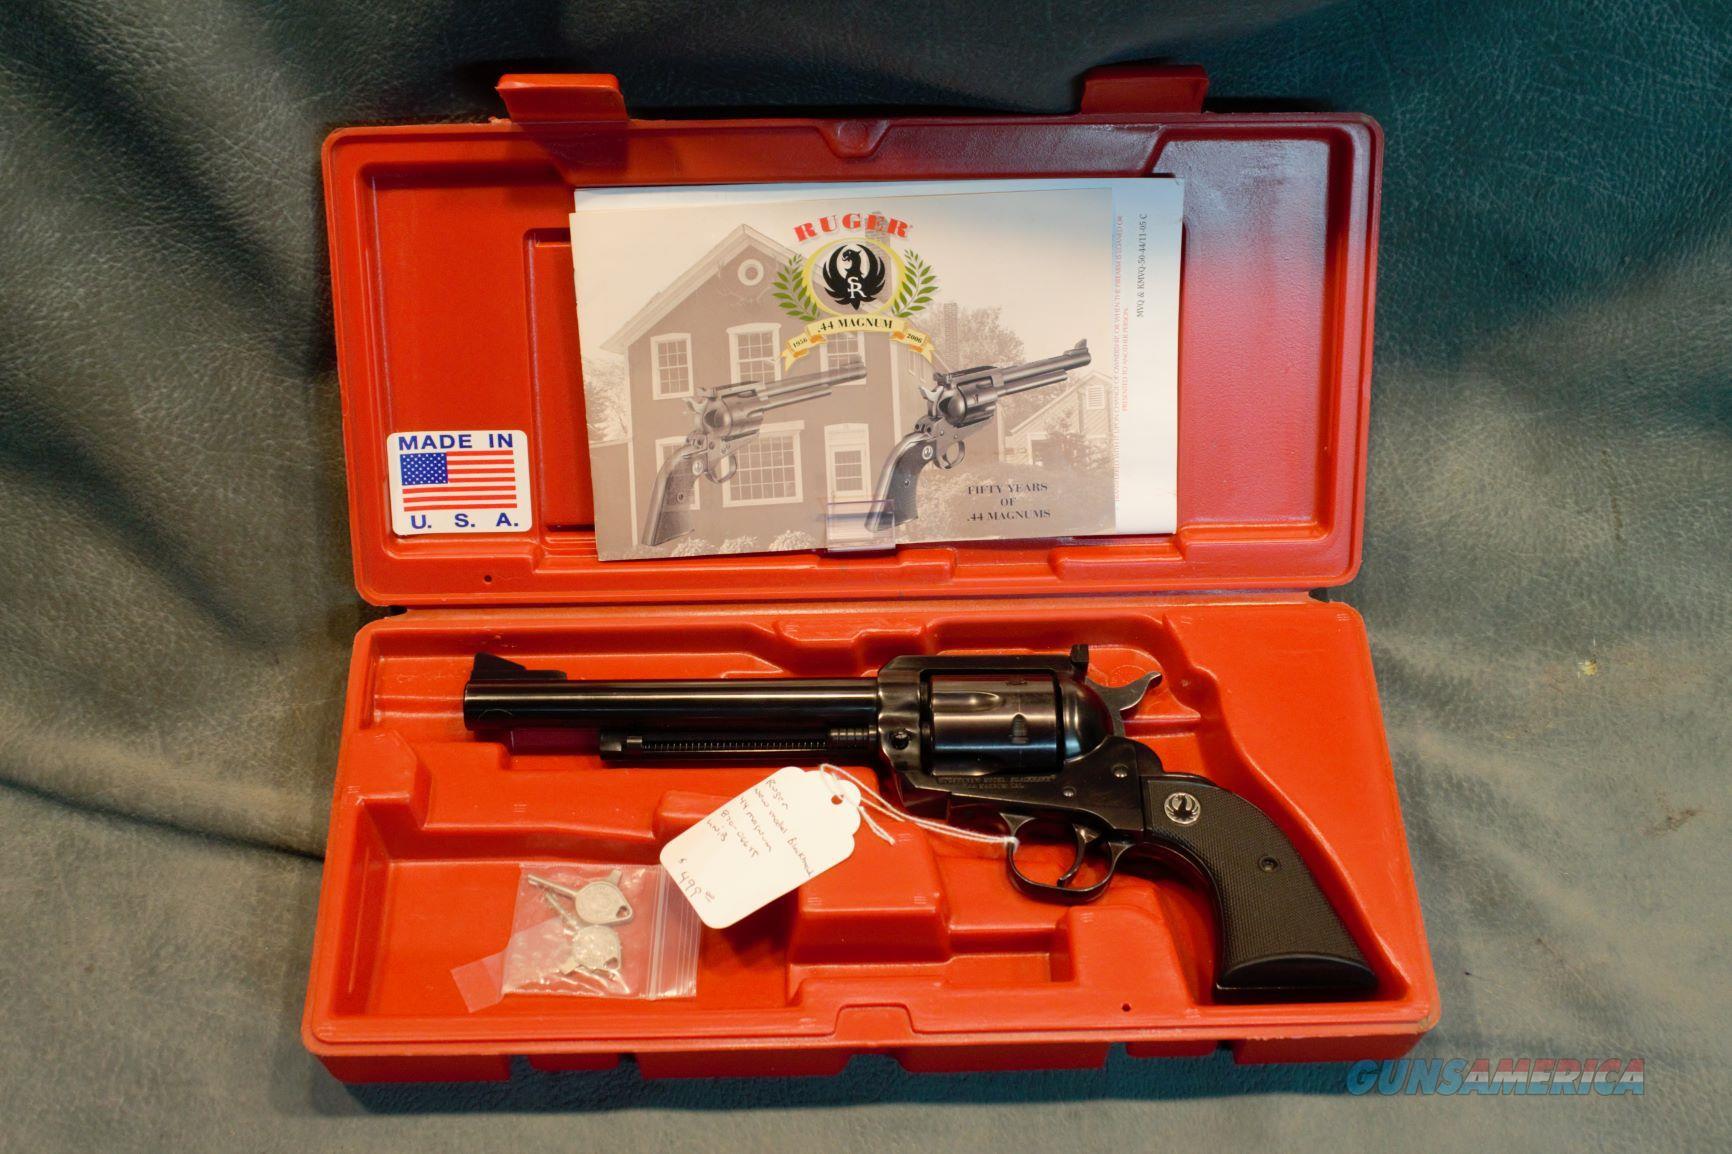 Ruger New Model Blackhawk 44 Magnum  Guns > Pistols > Ruger Single Action Revolvers > Blackhawk Type